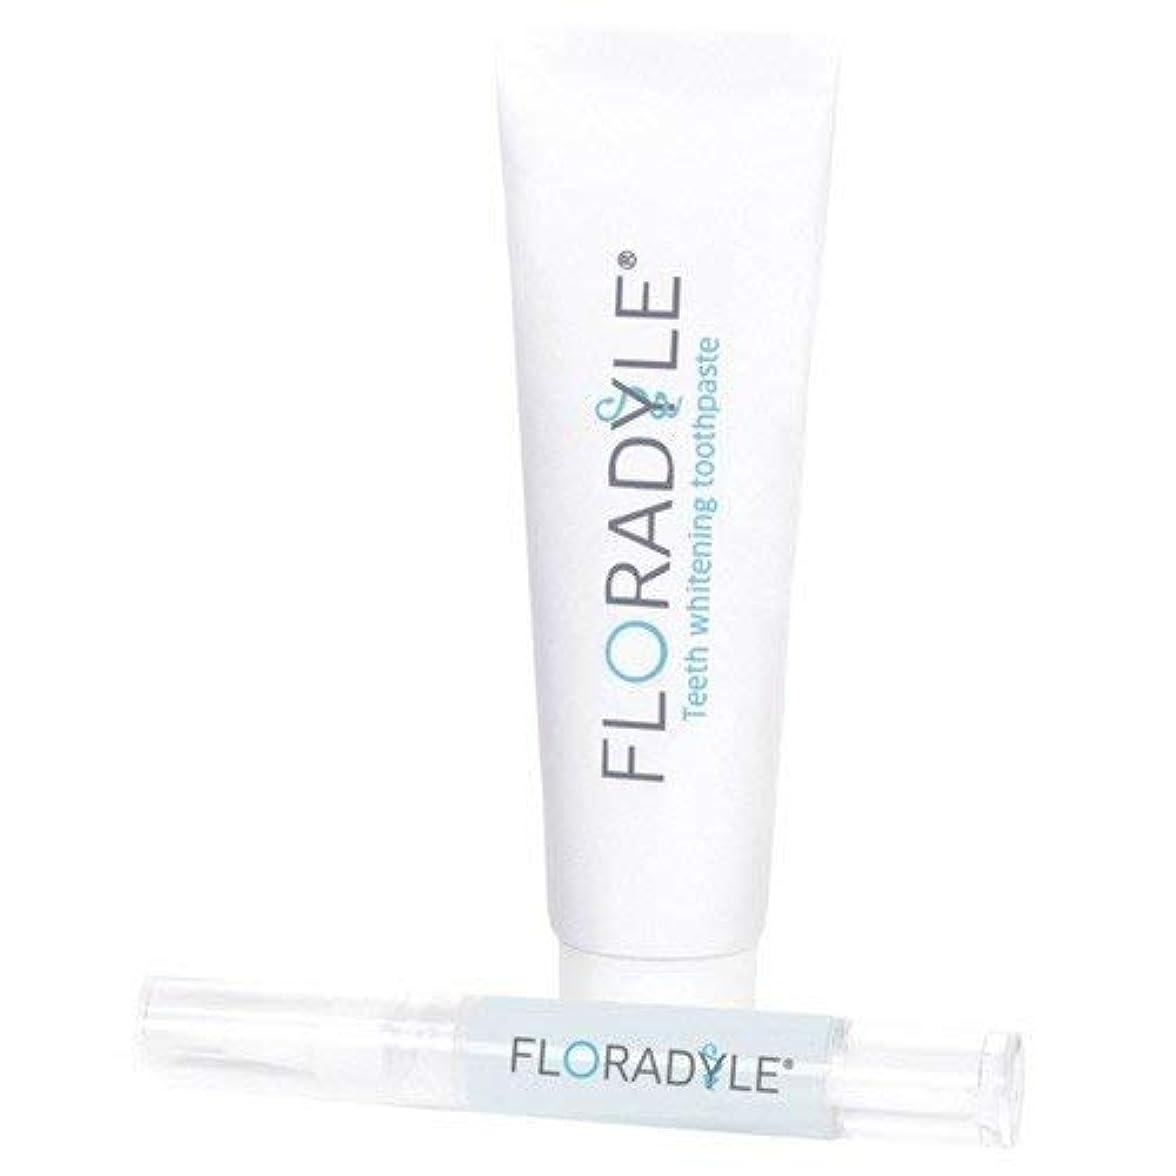 批判的に構築するローズFloradyle(フロラダイル) ホワイトニングジェル&ホワイトニング歯磨き粉 セット